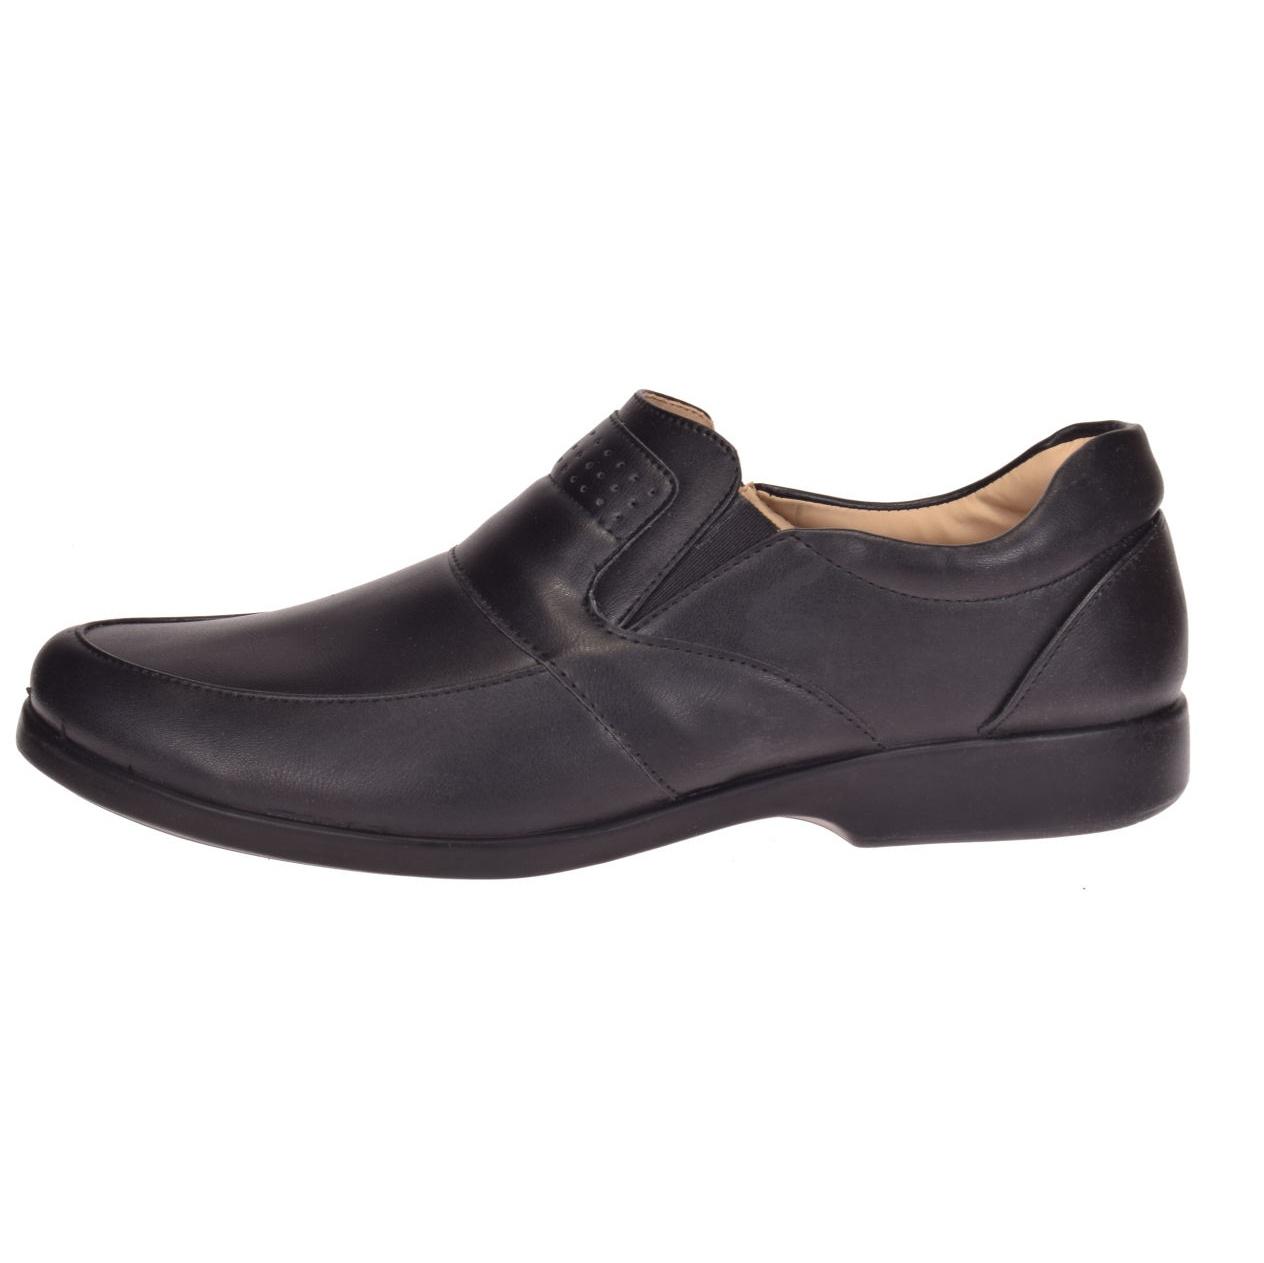 کفش روزمره مردانه ای ال ام مدل SSPG کد 1362